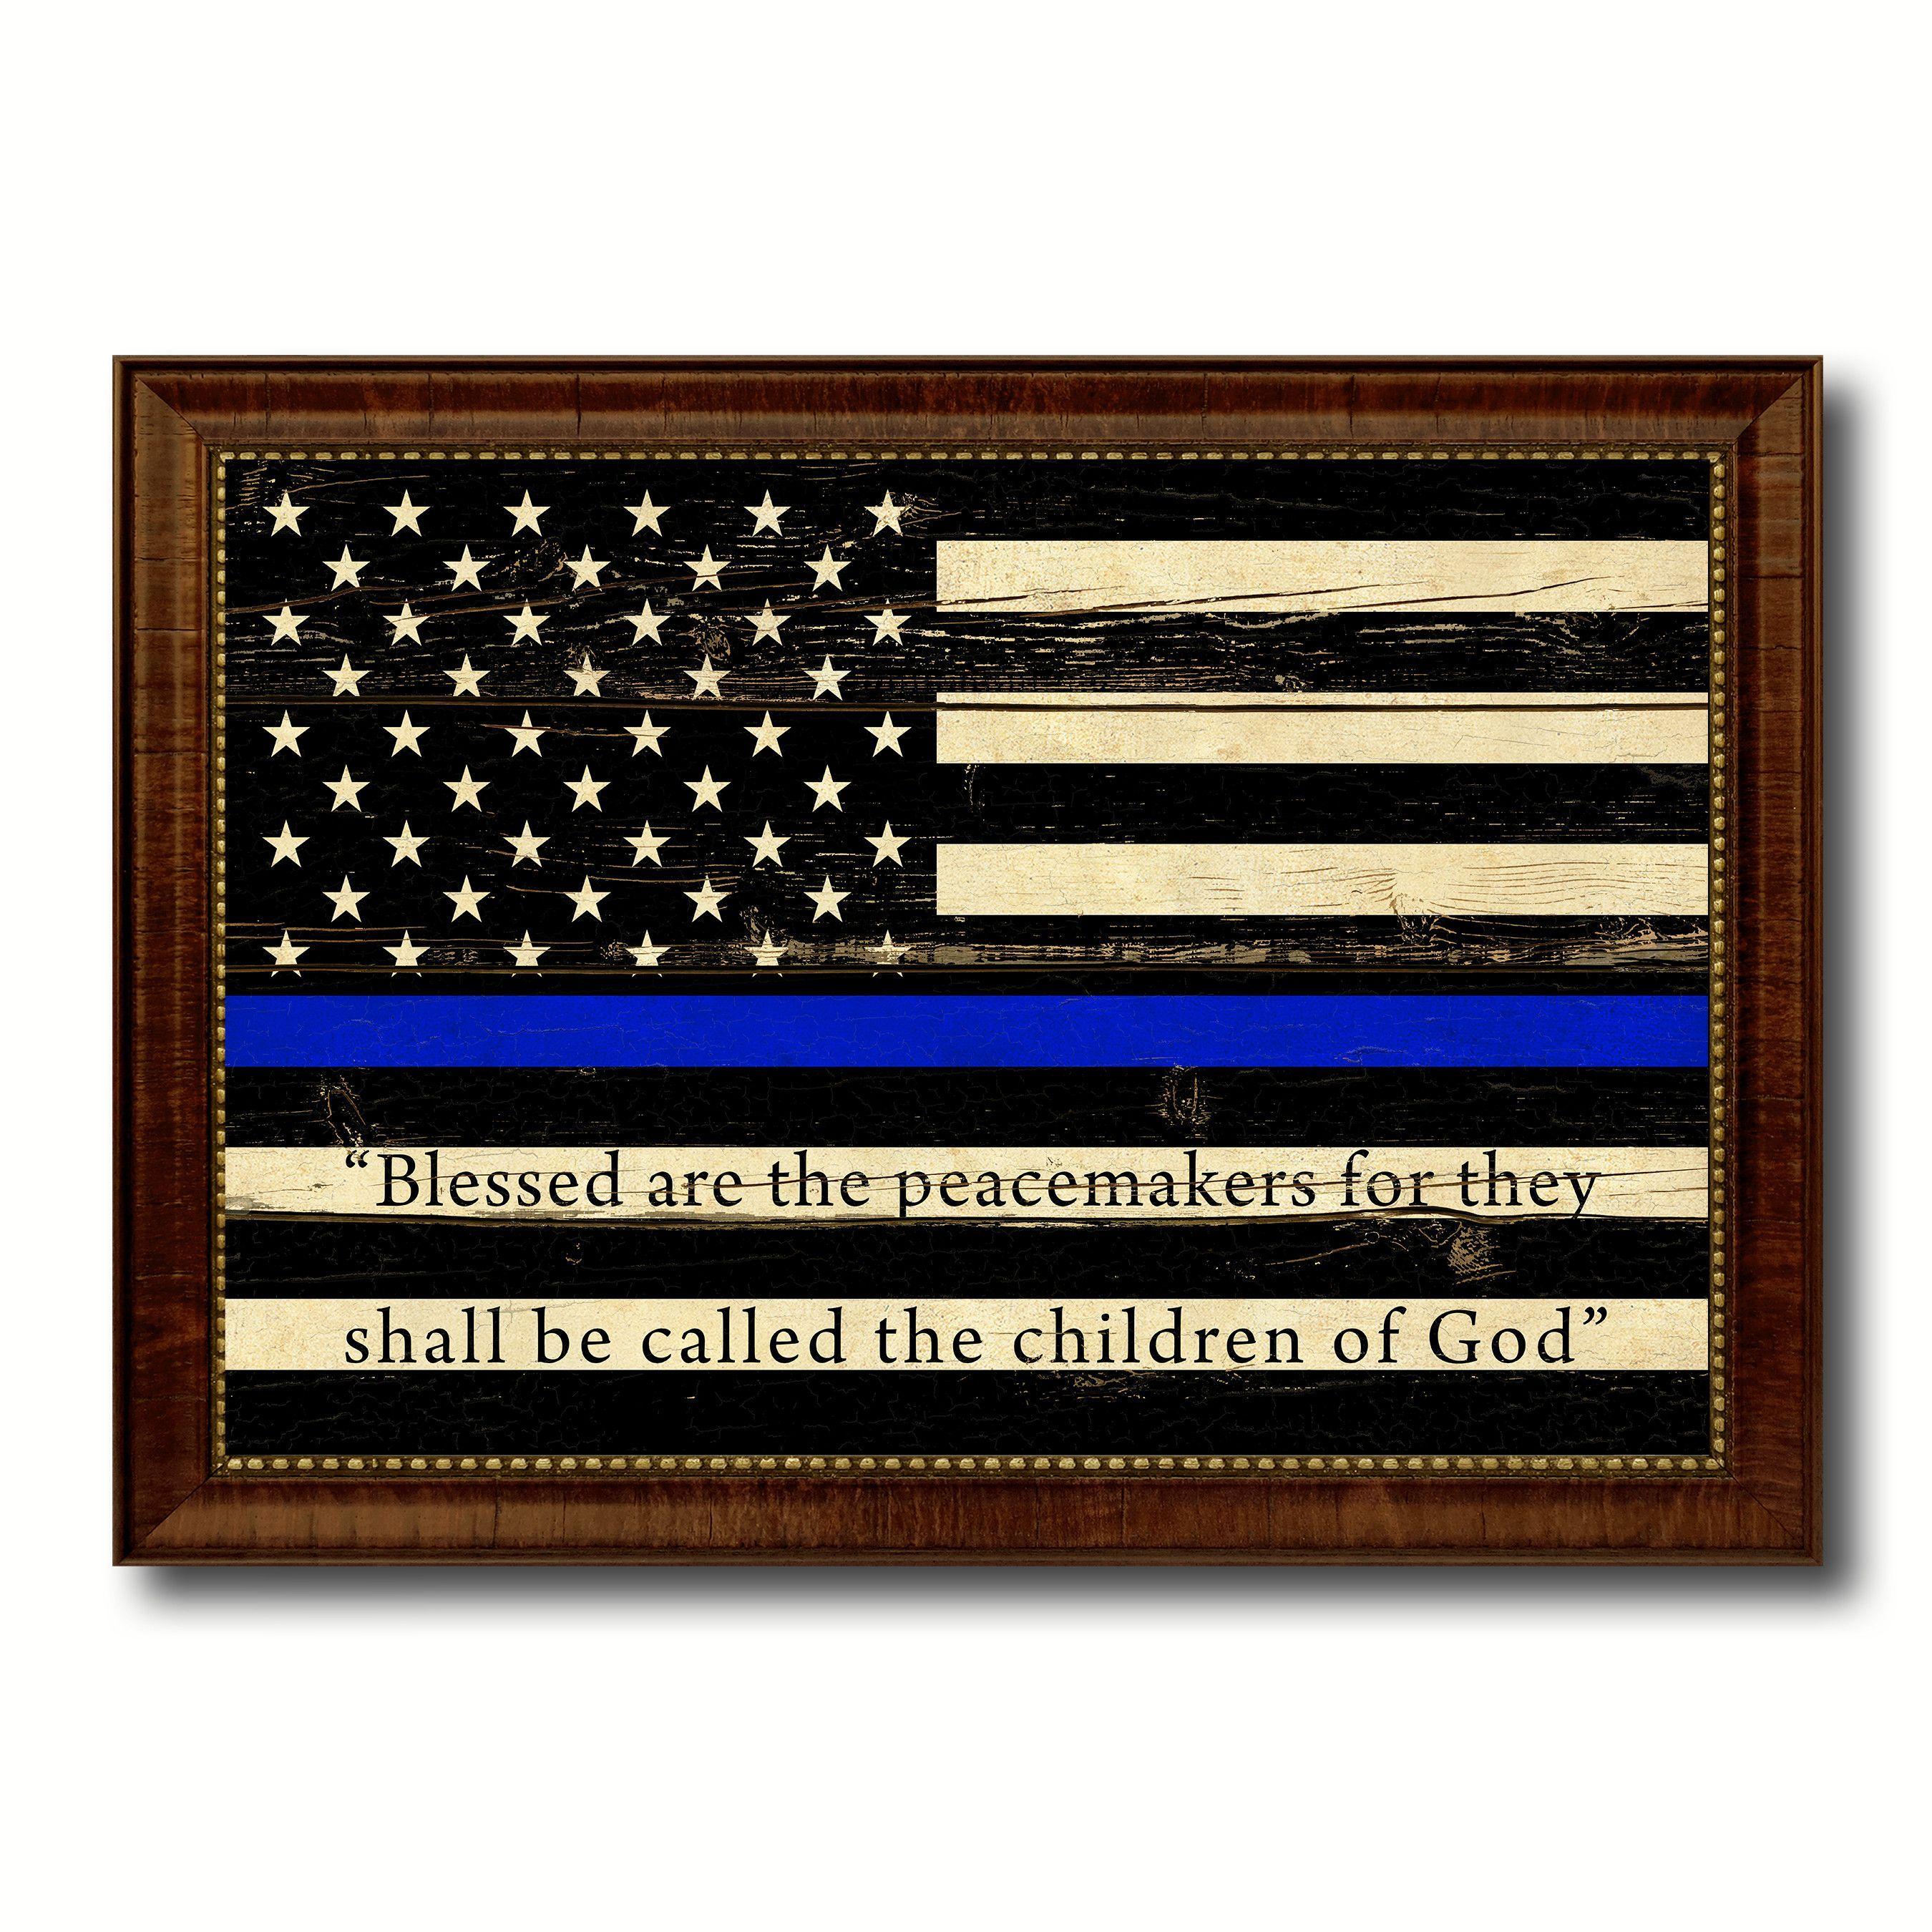 Pin On Police Stuff